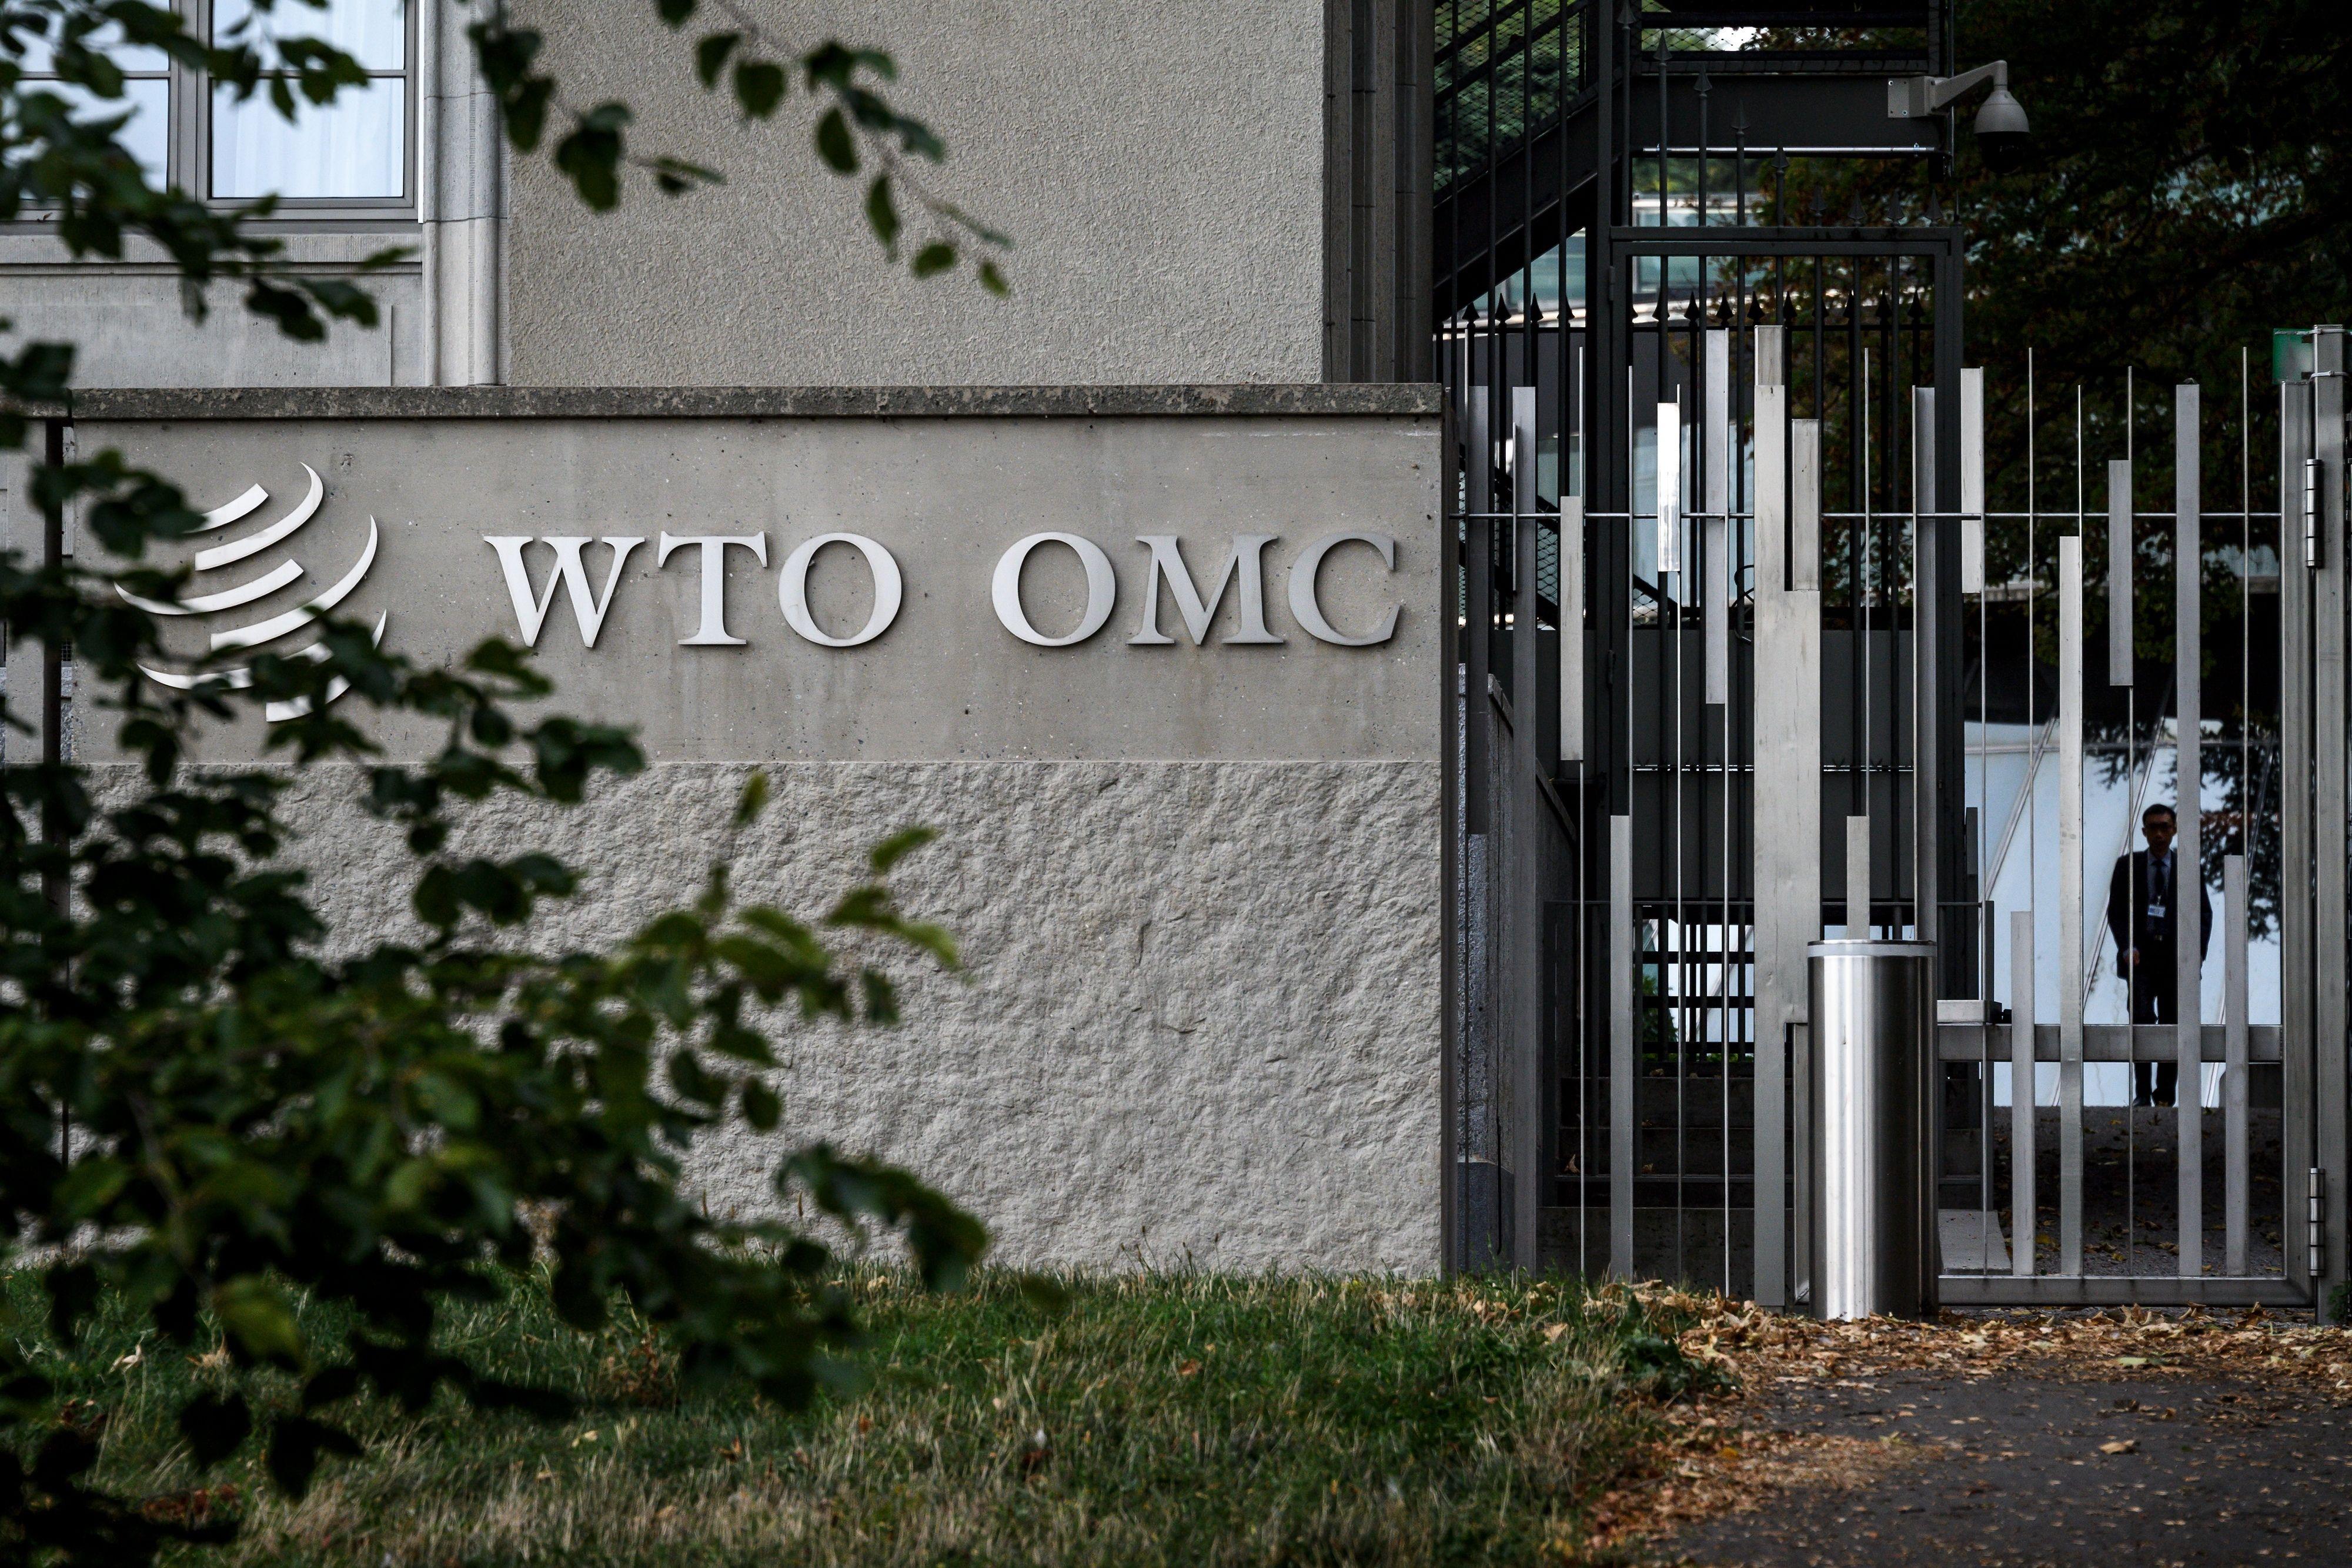 中共扭曲貿易體系 美歐在WTO加大火力反制